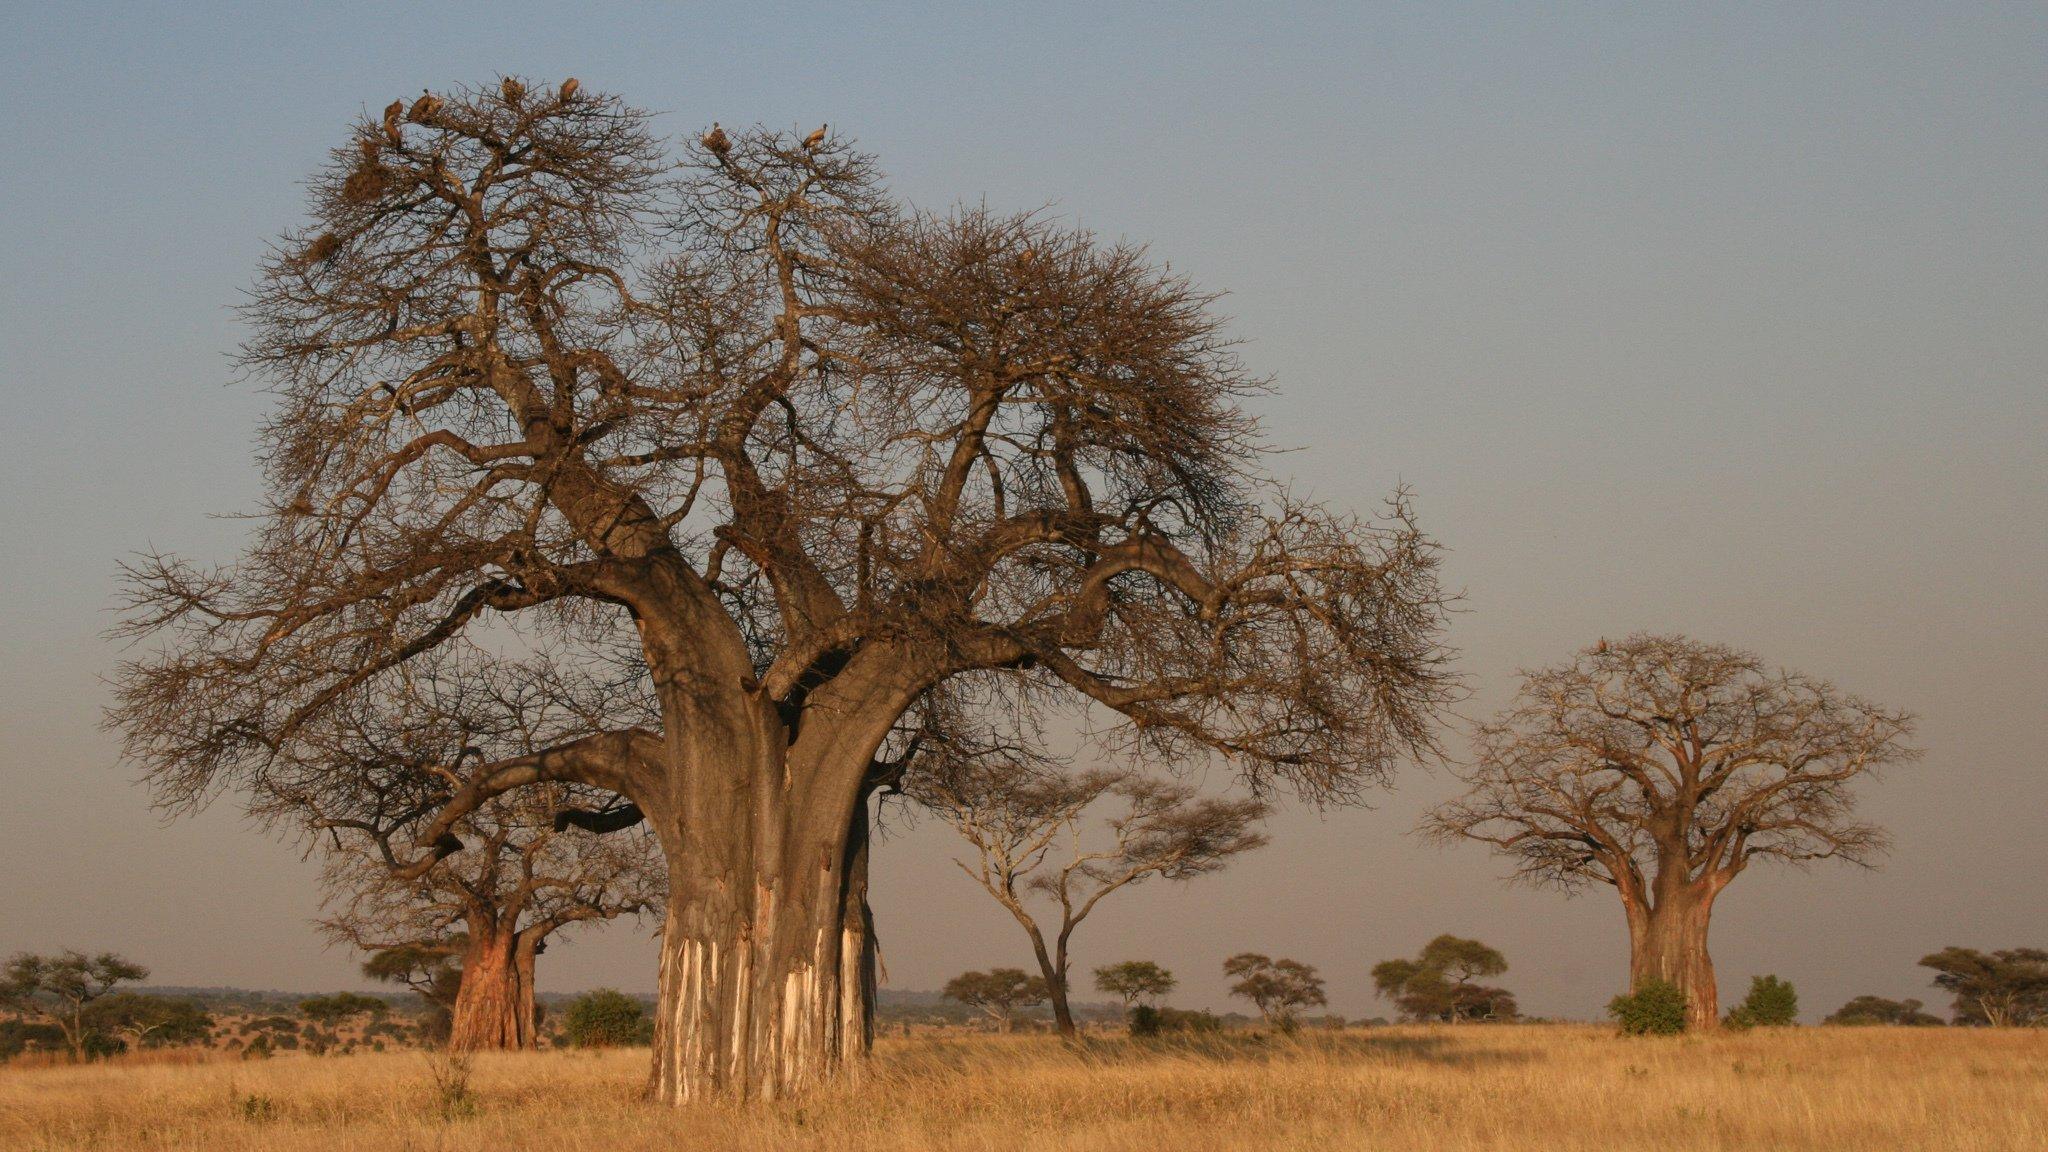 Das Foto zeigt die mächtigen Baobab-Bäume – auch Affenbrotbäume genannt – in der trockenen Savanne des Tarangire-Nationalparks in Tansansia. In einer ähnlichen Umgebung lebte vor gut zwei Millionen Jahre die Vormenschen-Art Australopithecus.